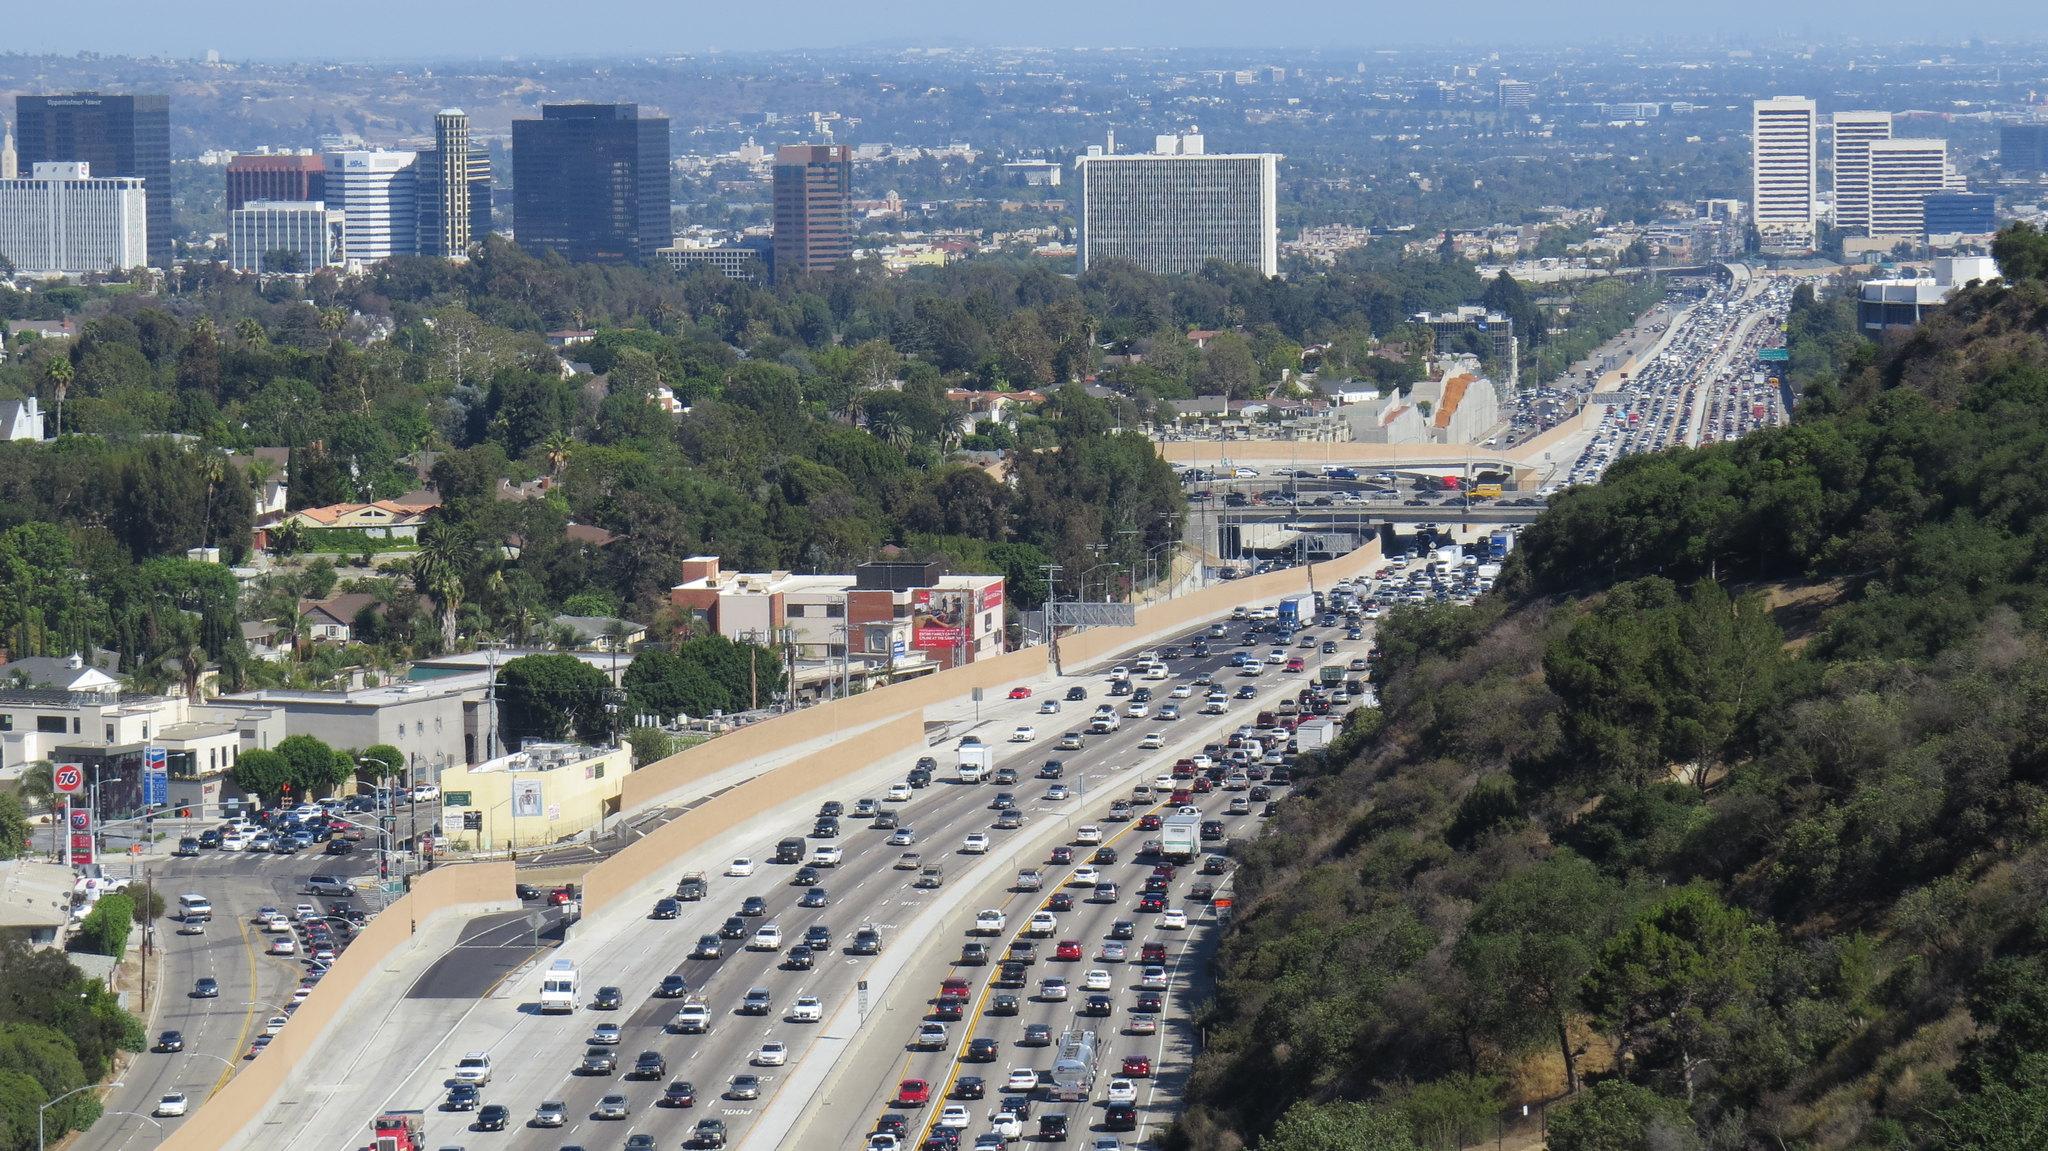 El tráfico de Los Ángeles, California, es uno de los más pesados y atestados del mundo. Foto: Flickr / Luke Jones